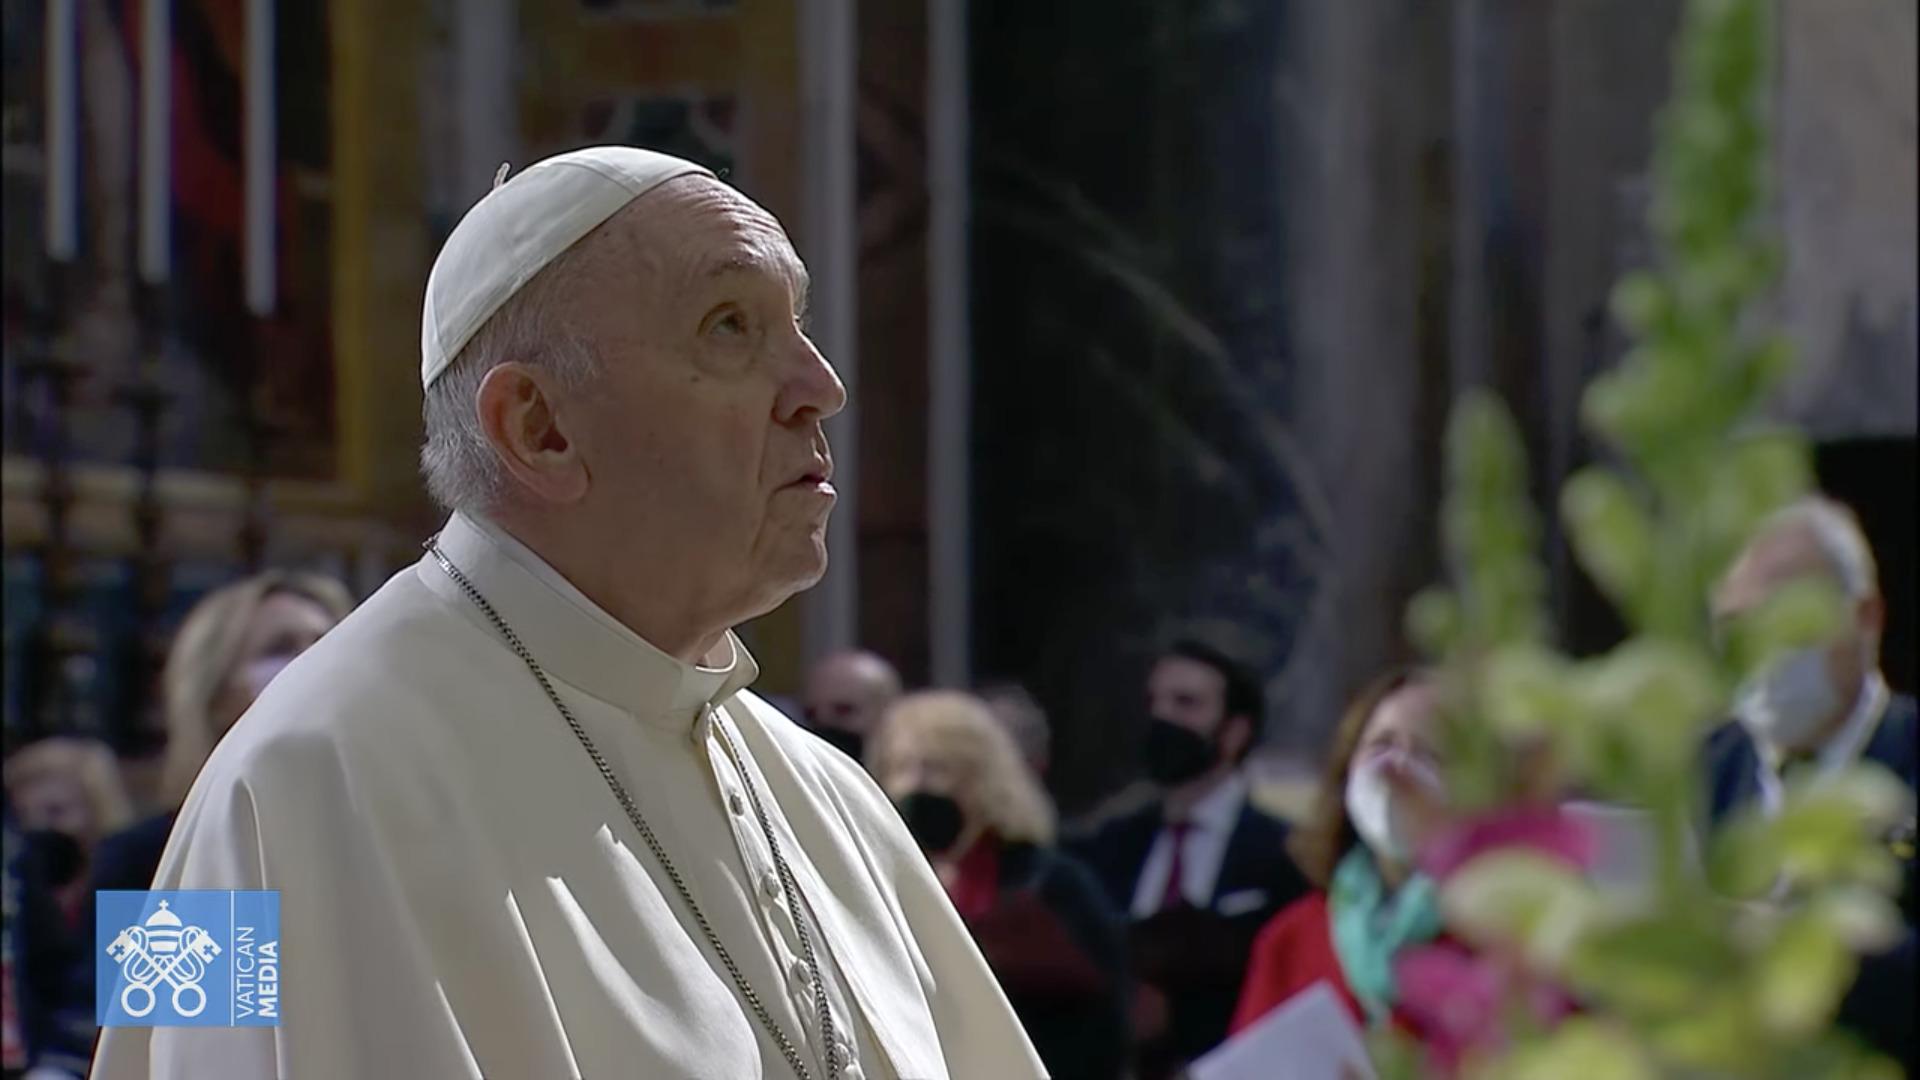 Marathon de prière, Jour 1, capture @ Vatican Media